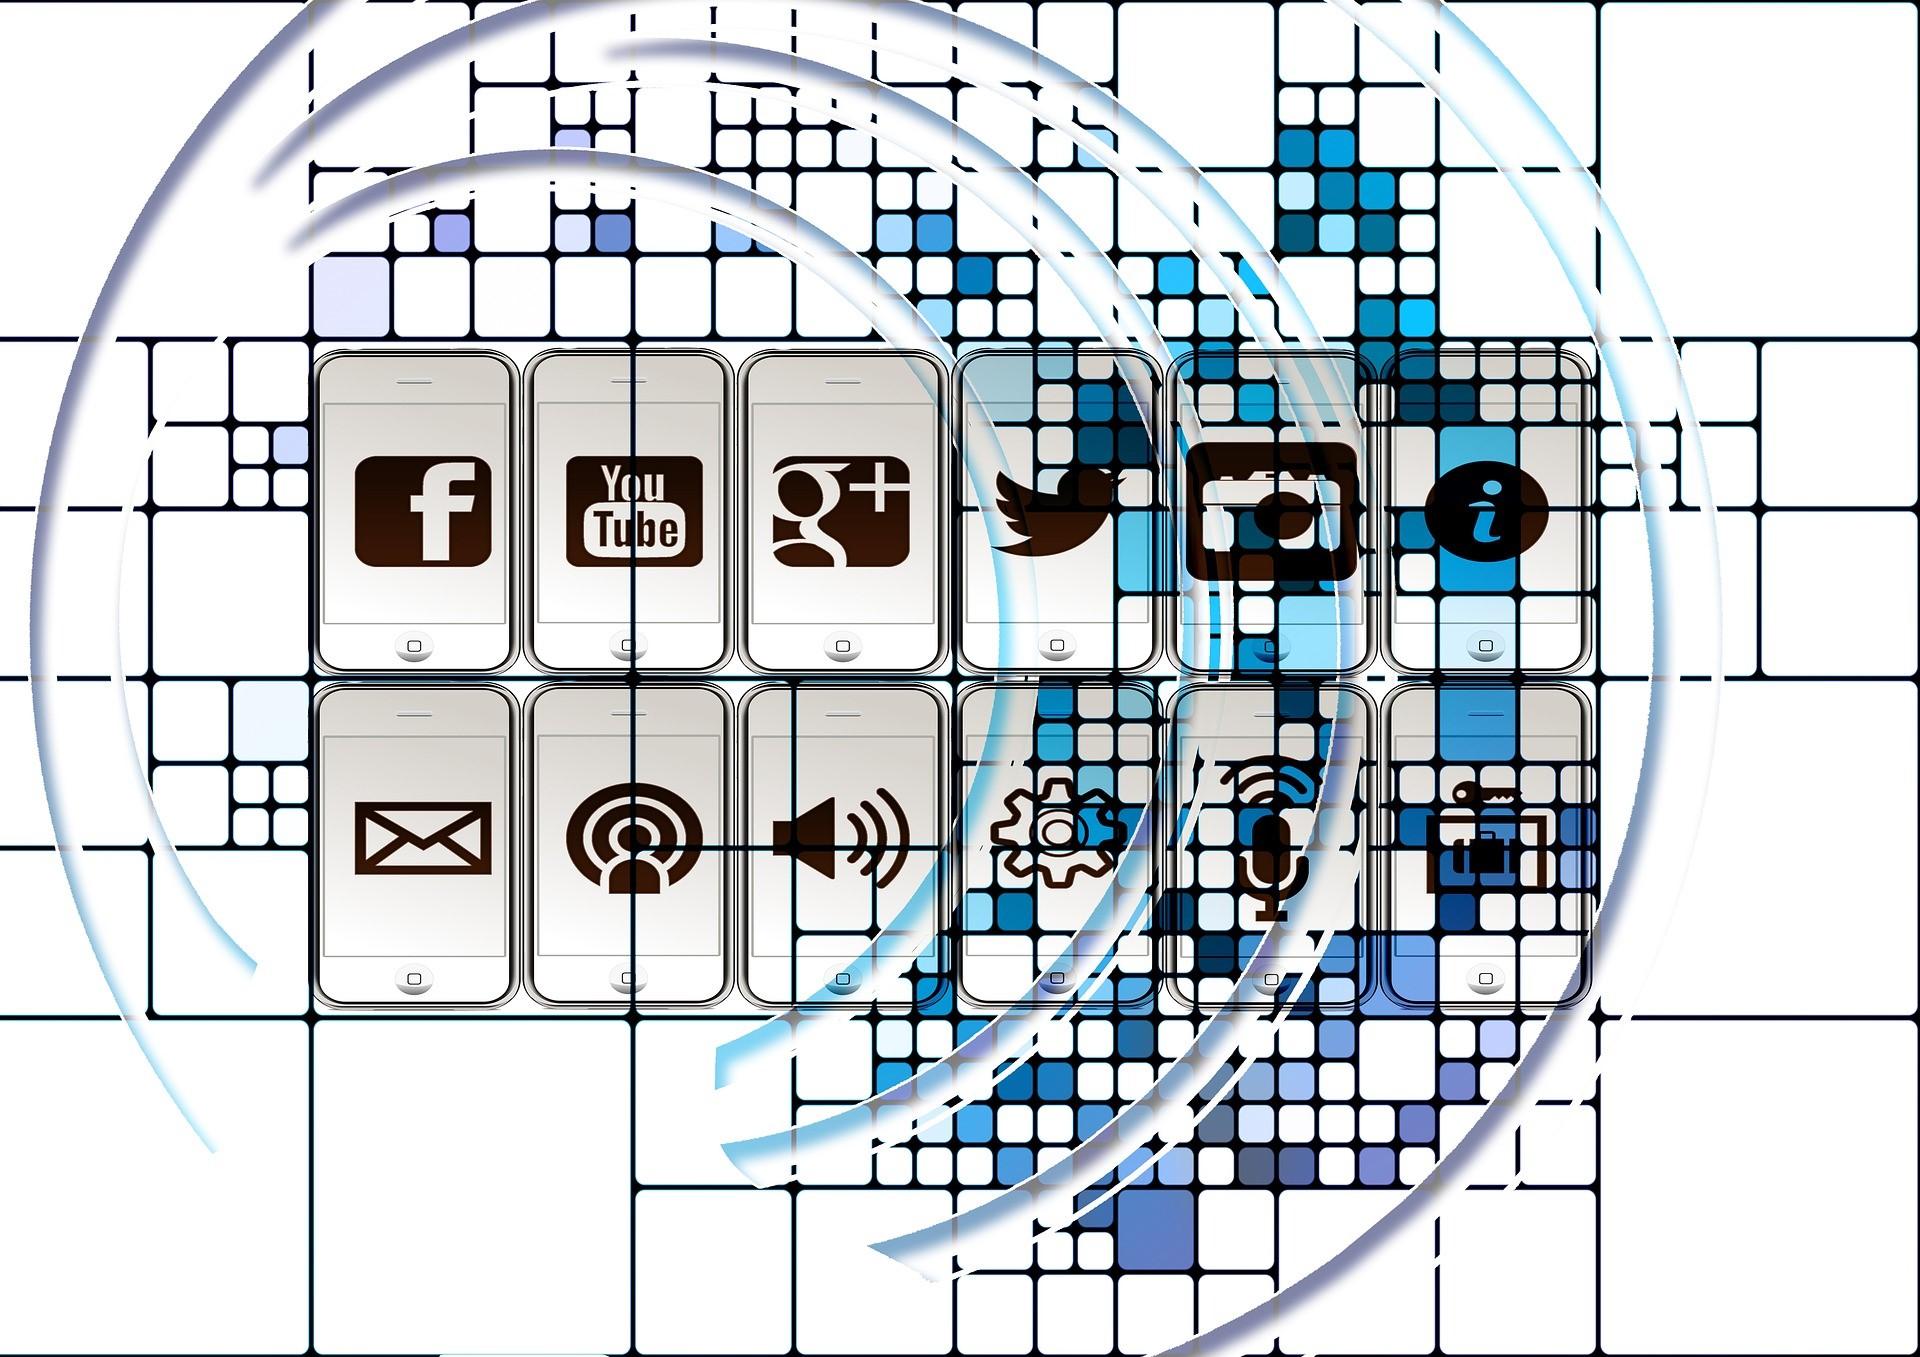 ¿Cómo crear una estrategia digital basada en el contenido?